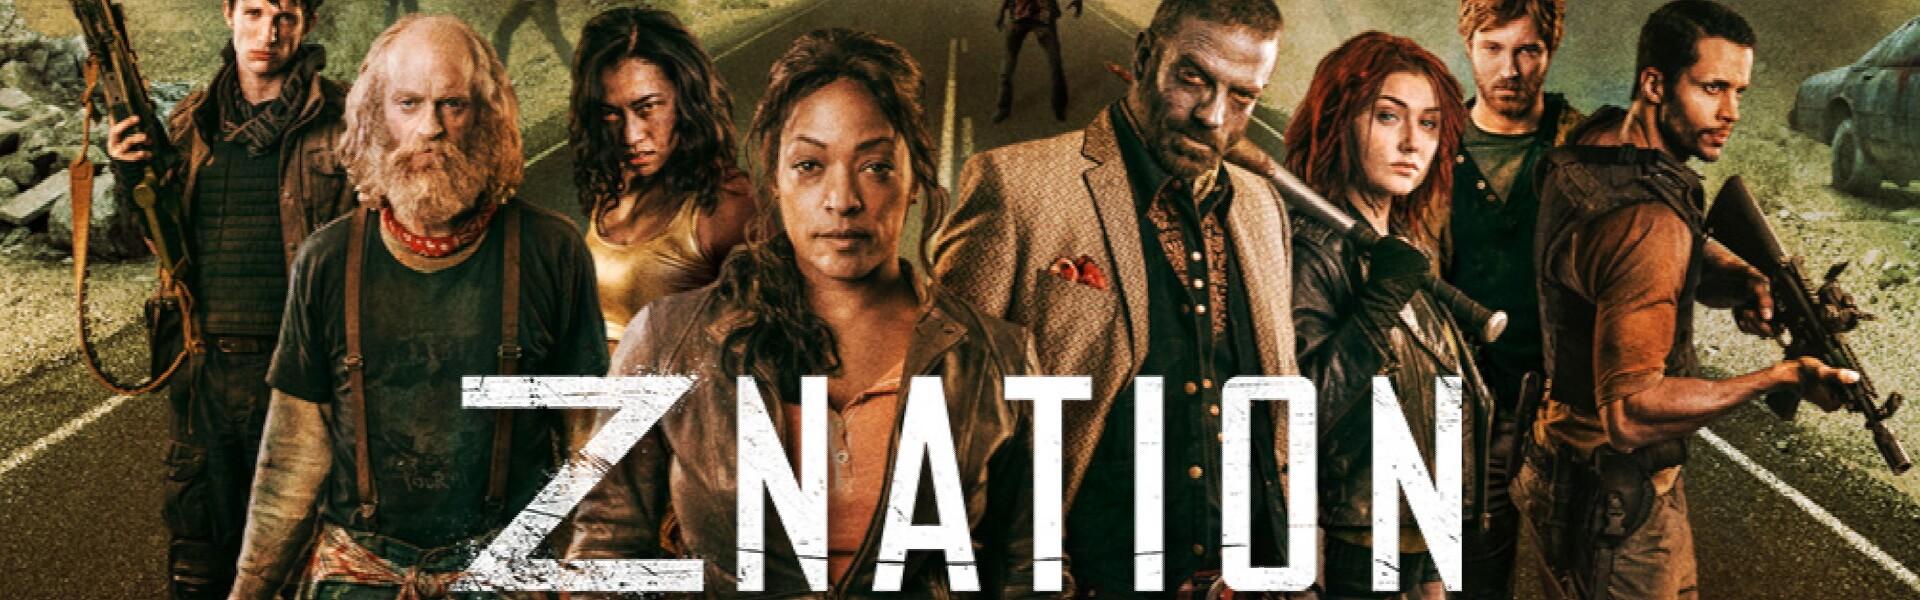 Zombie Nation Staffel 3